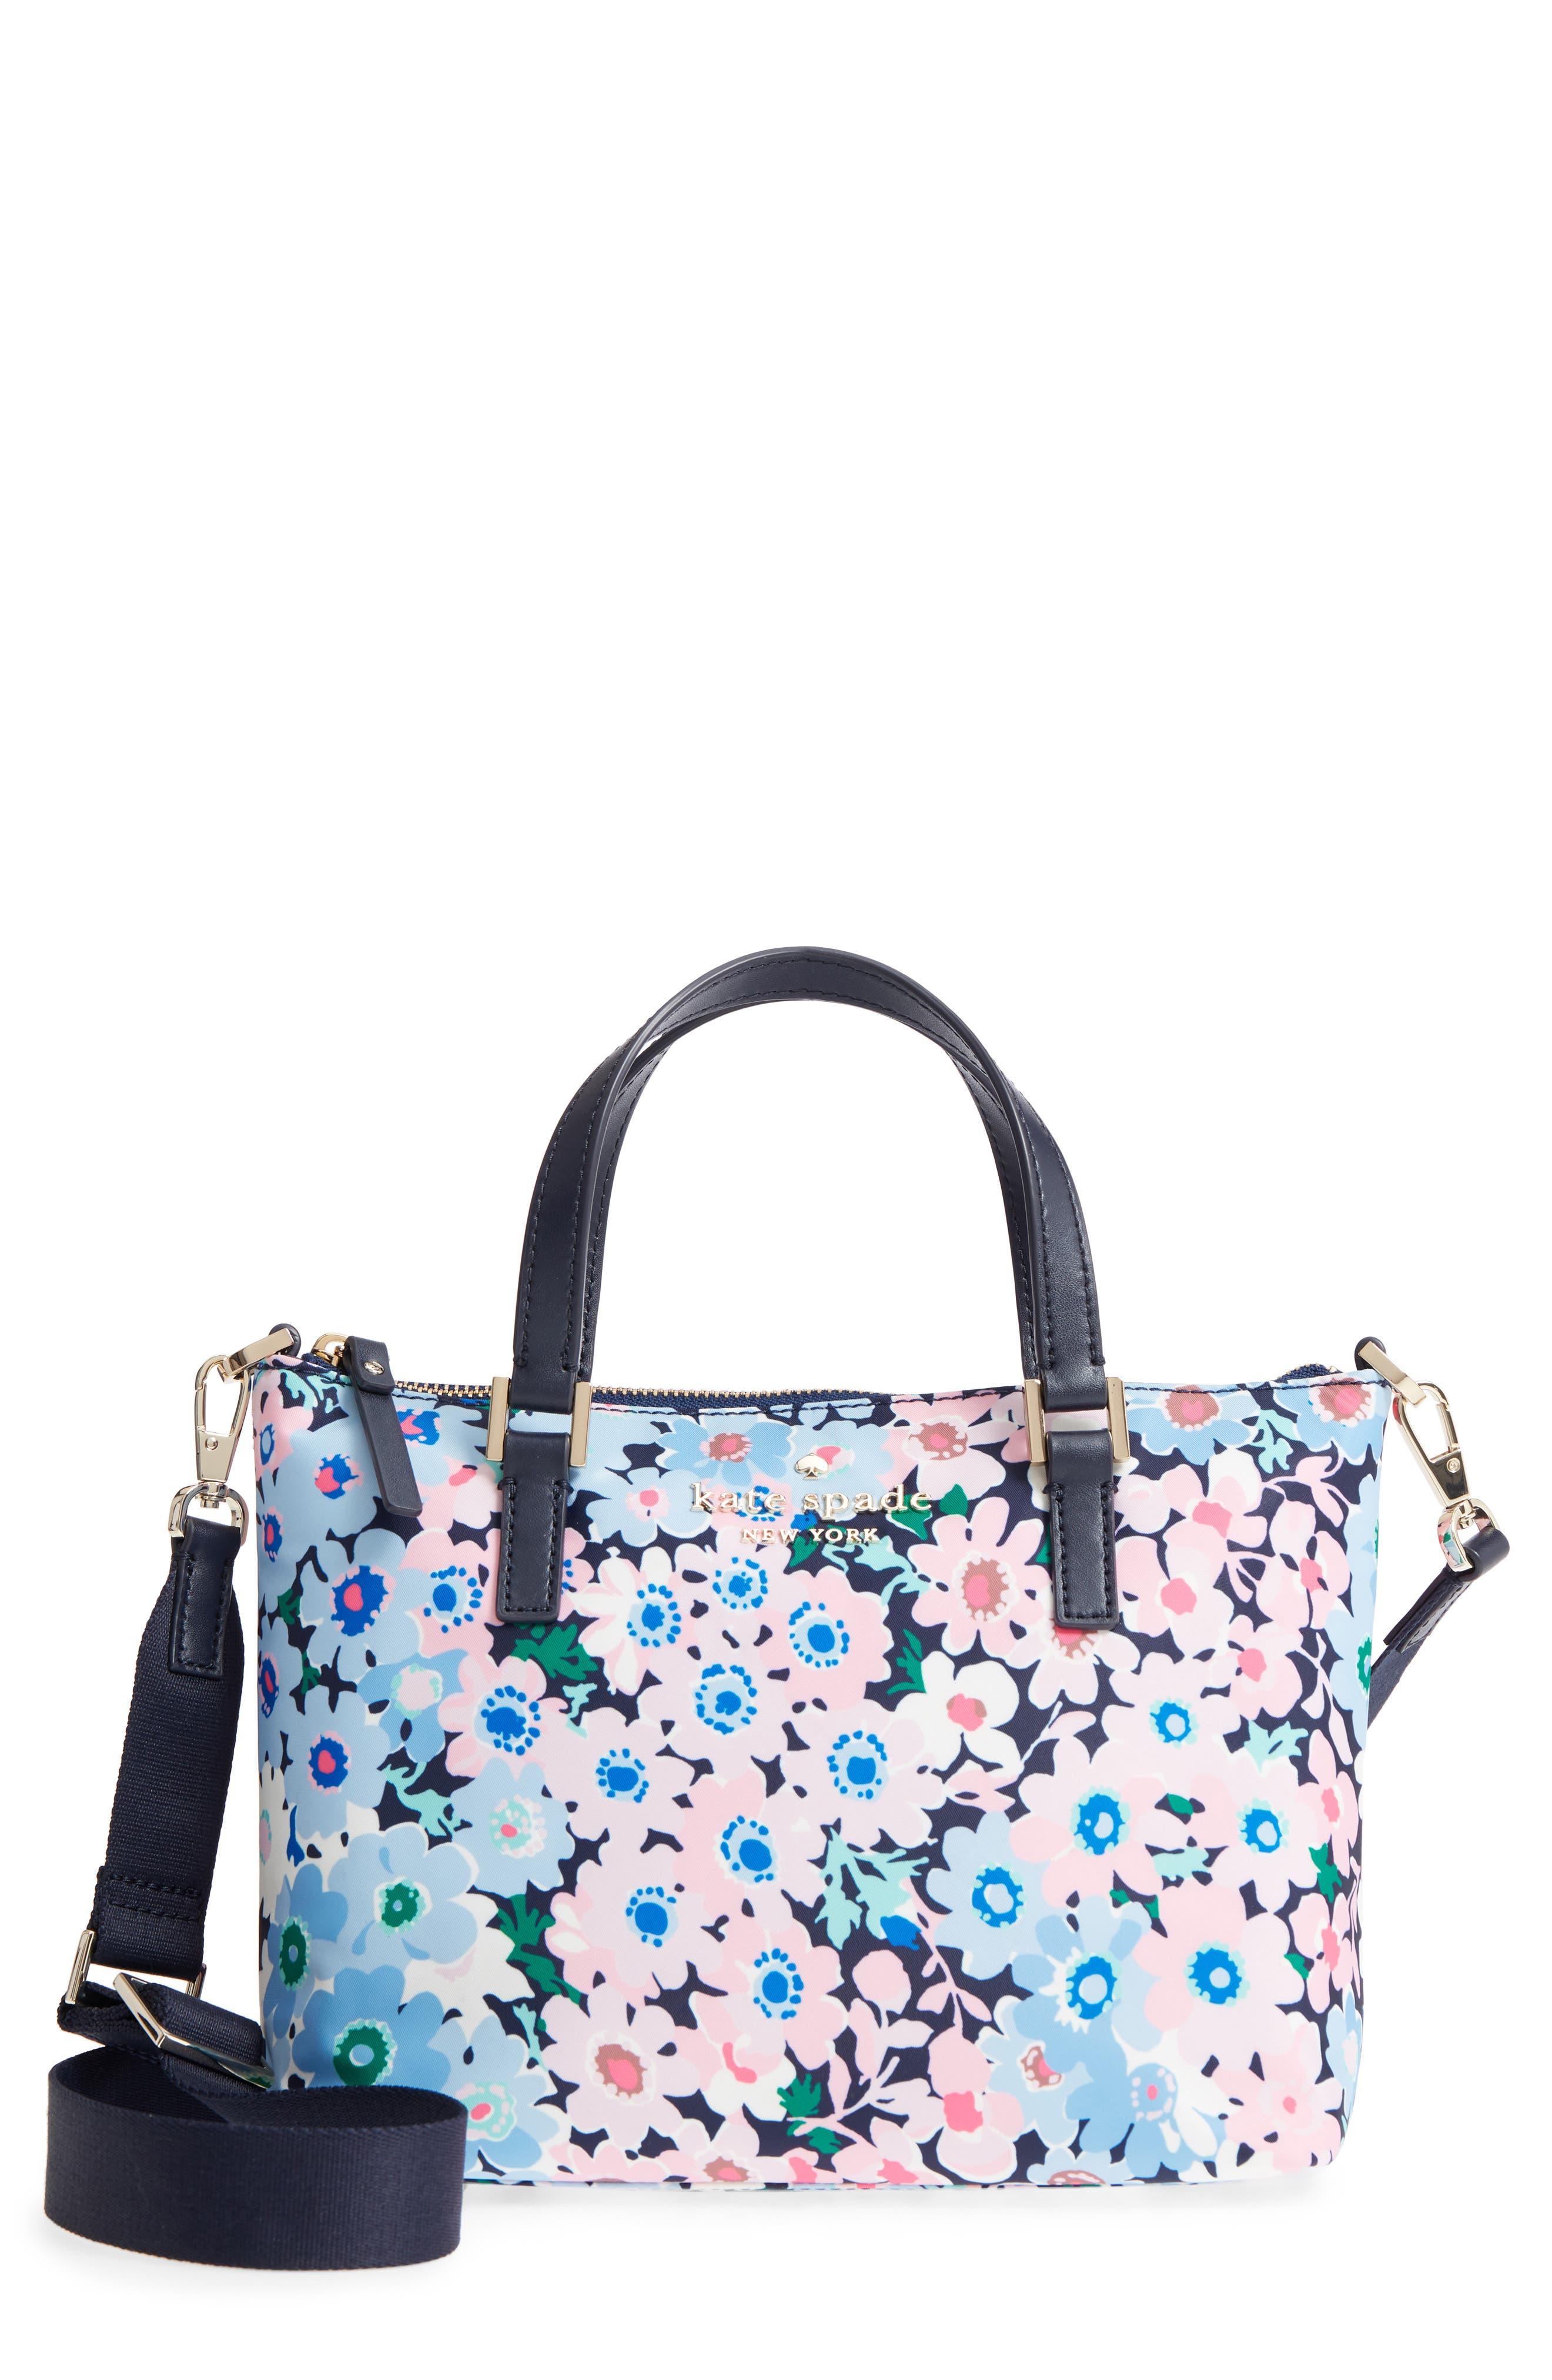 kate spade new york watson lane - daisy garden lucie crossbody bag